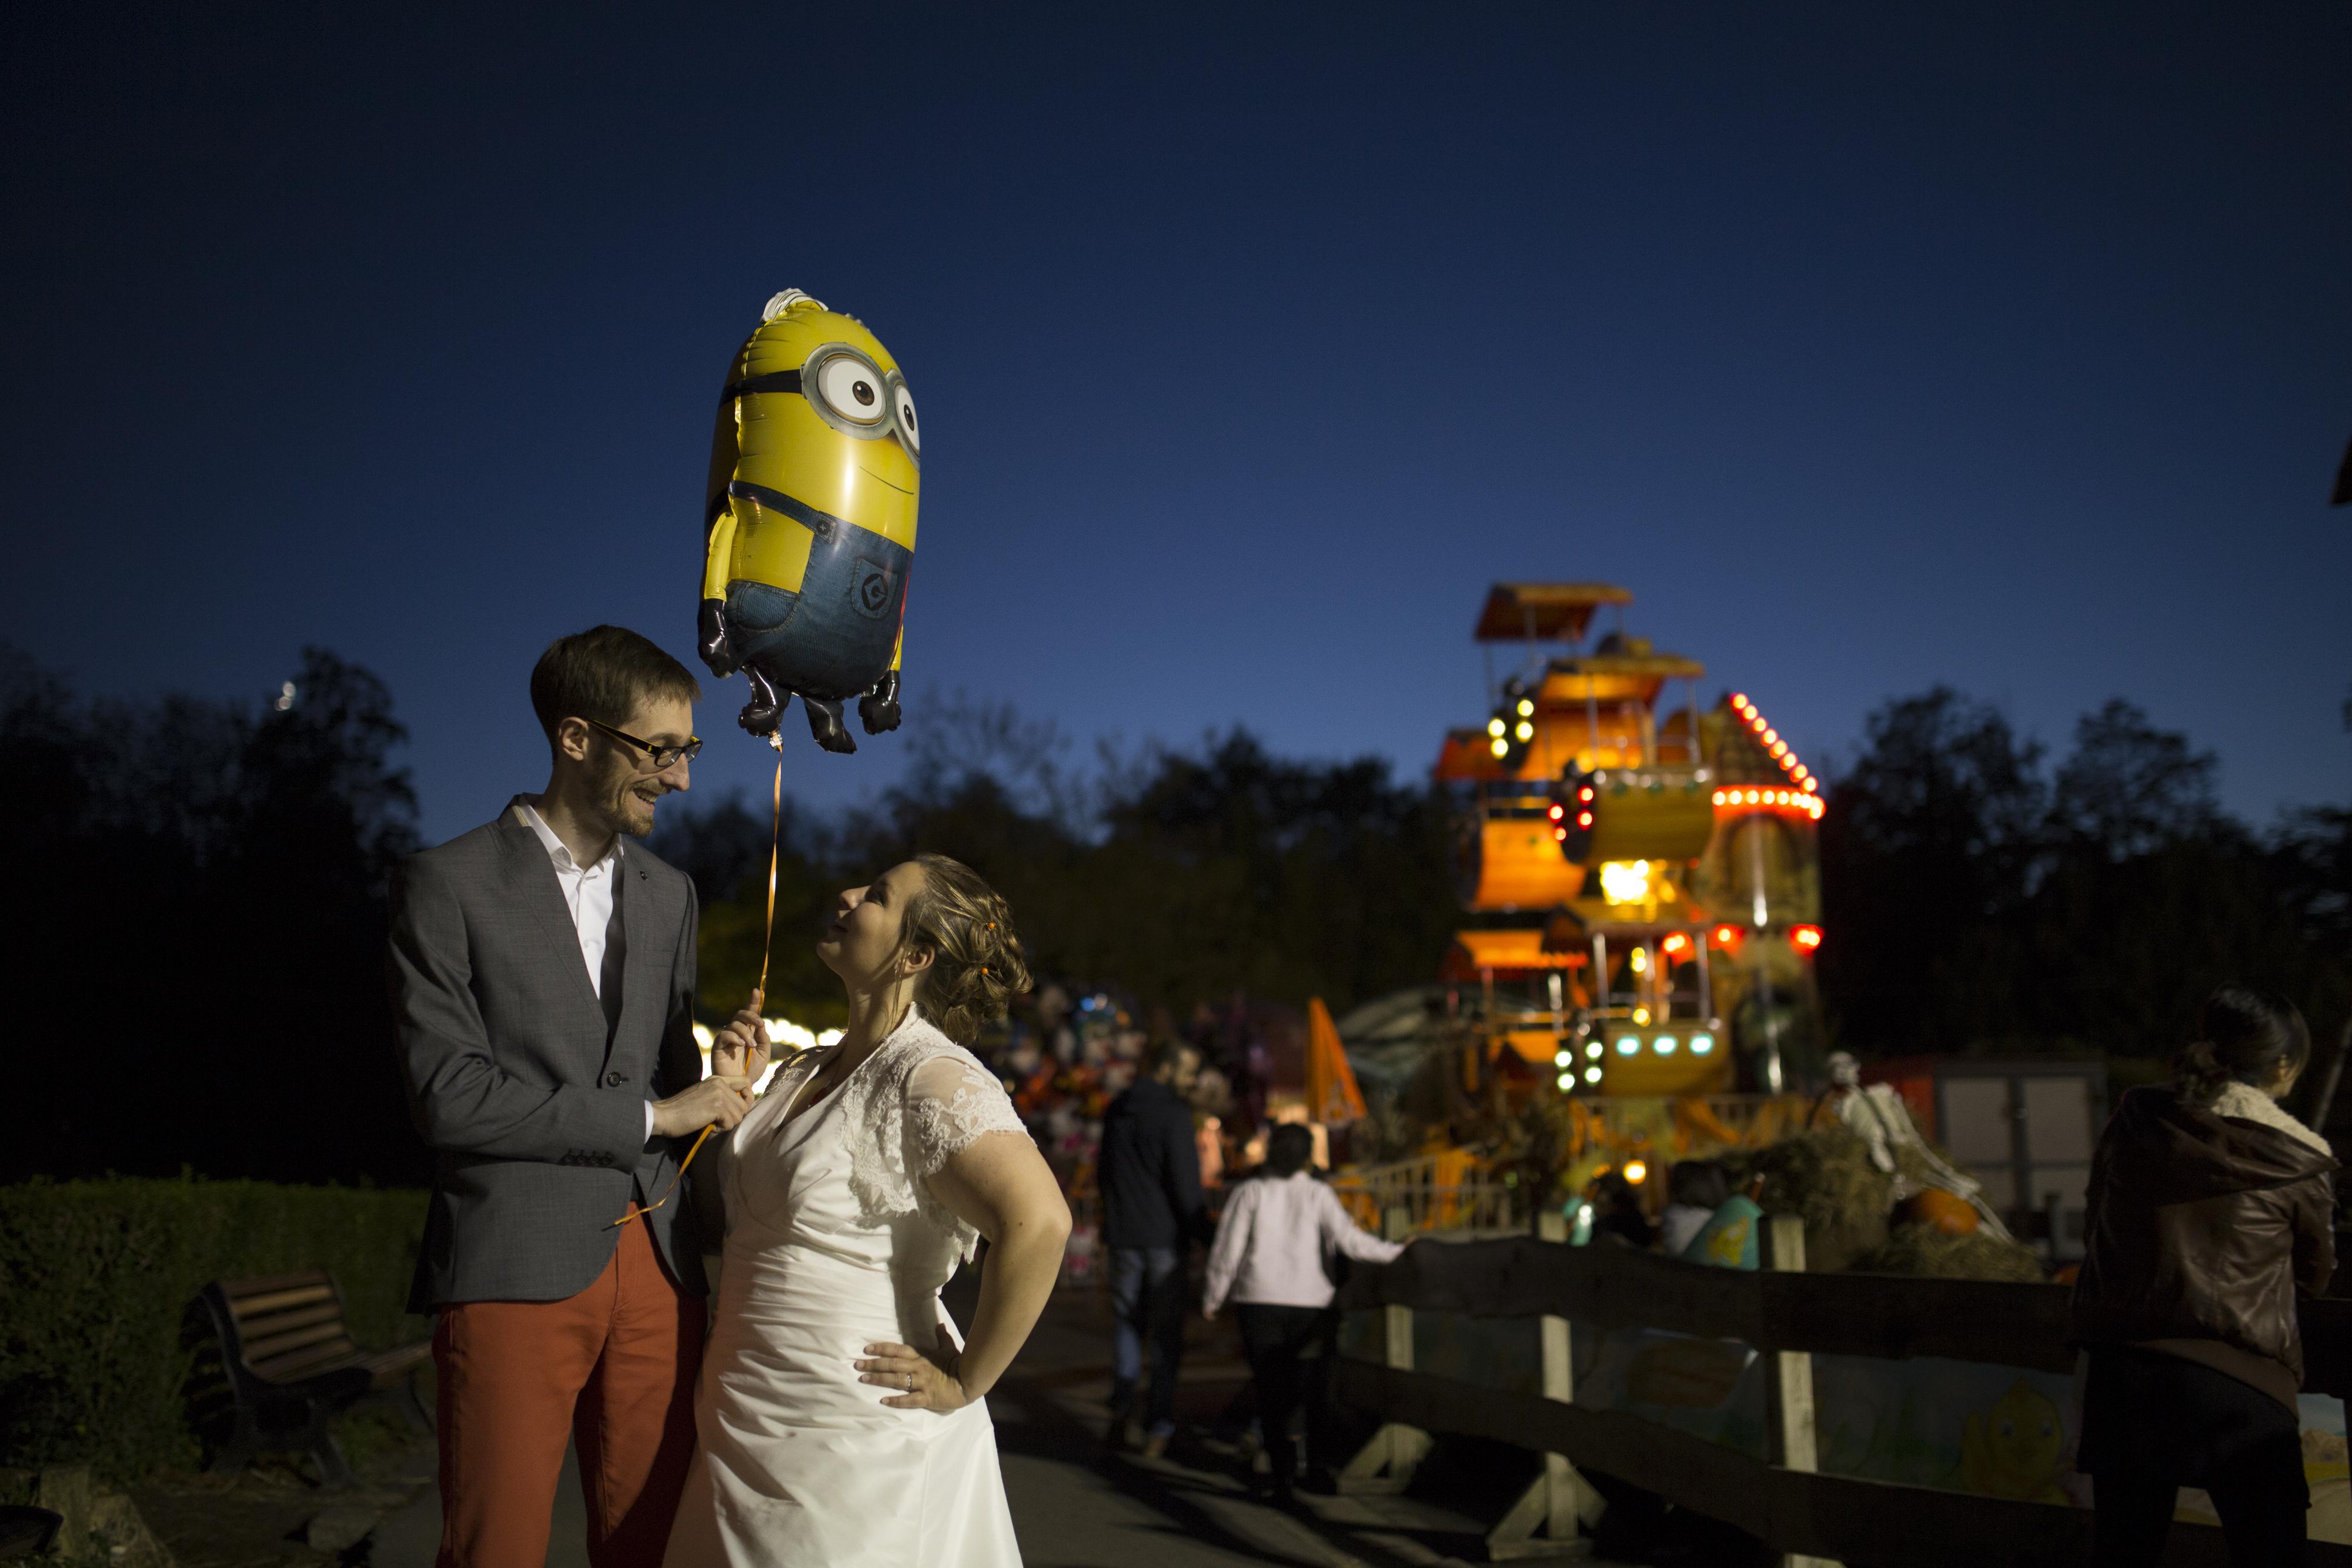 Le mariage vitaminé de Mademoiselle Orange dans le Nord